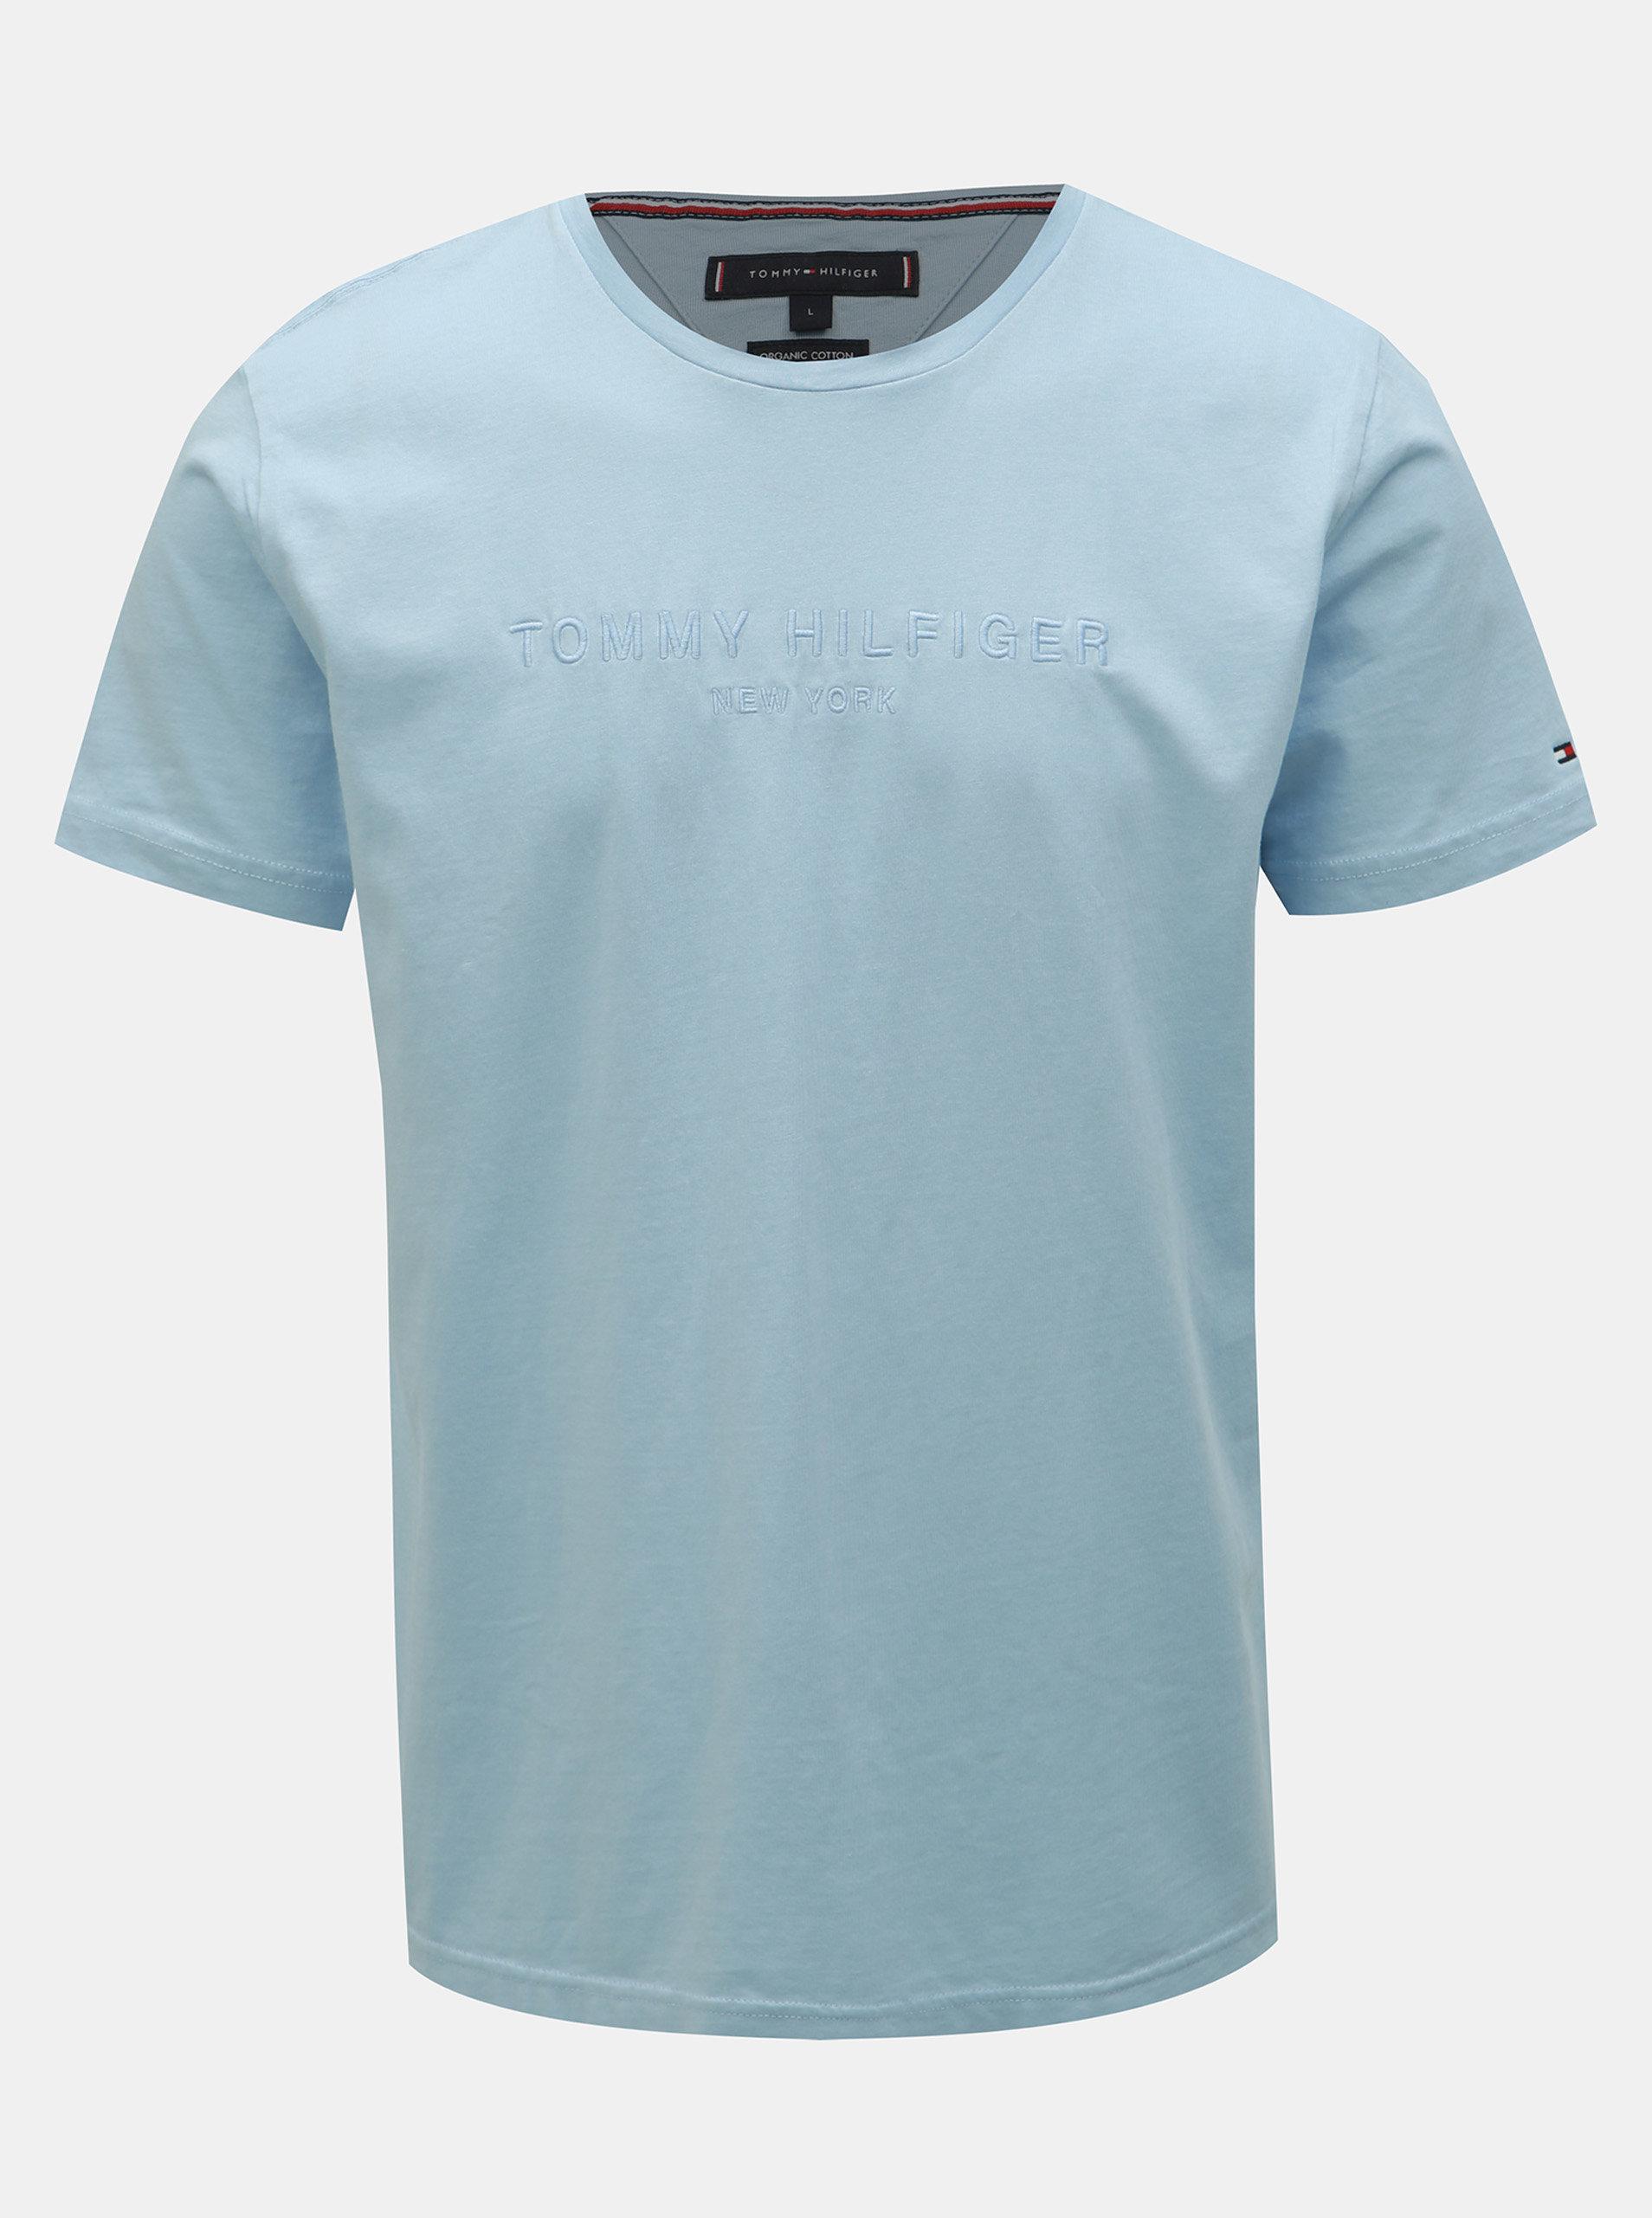 afd77e4b8d Světle modré pánské tričko Tommy Hilfiger ...